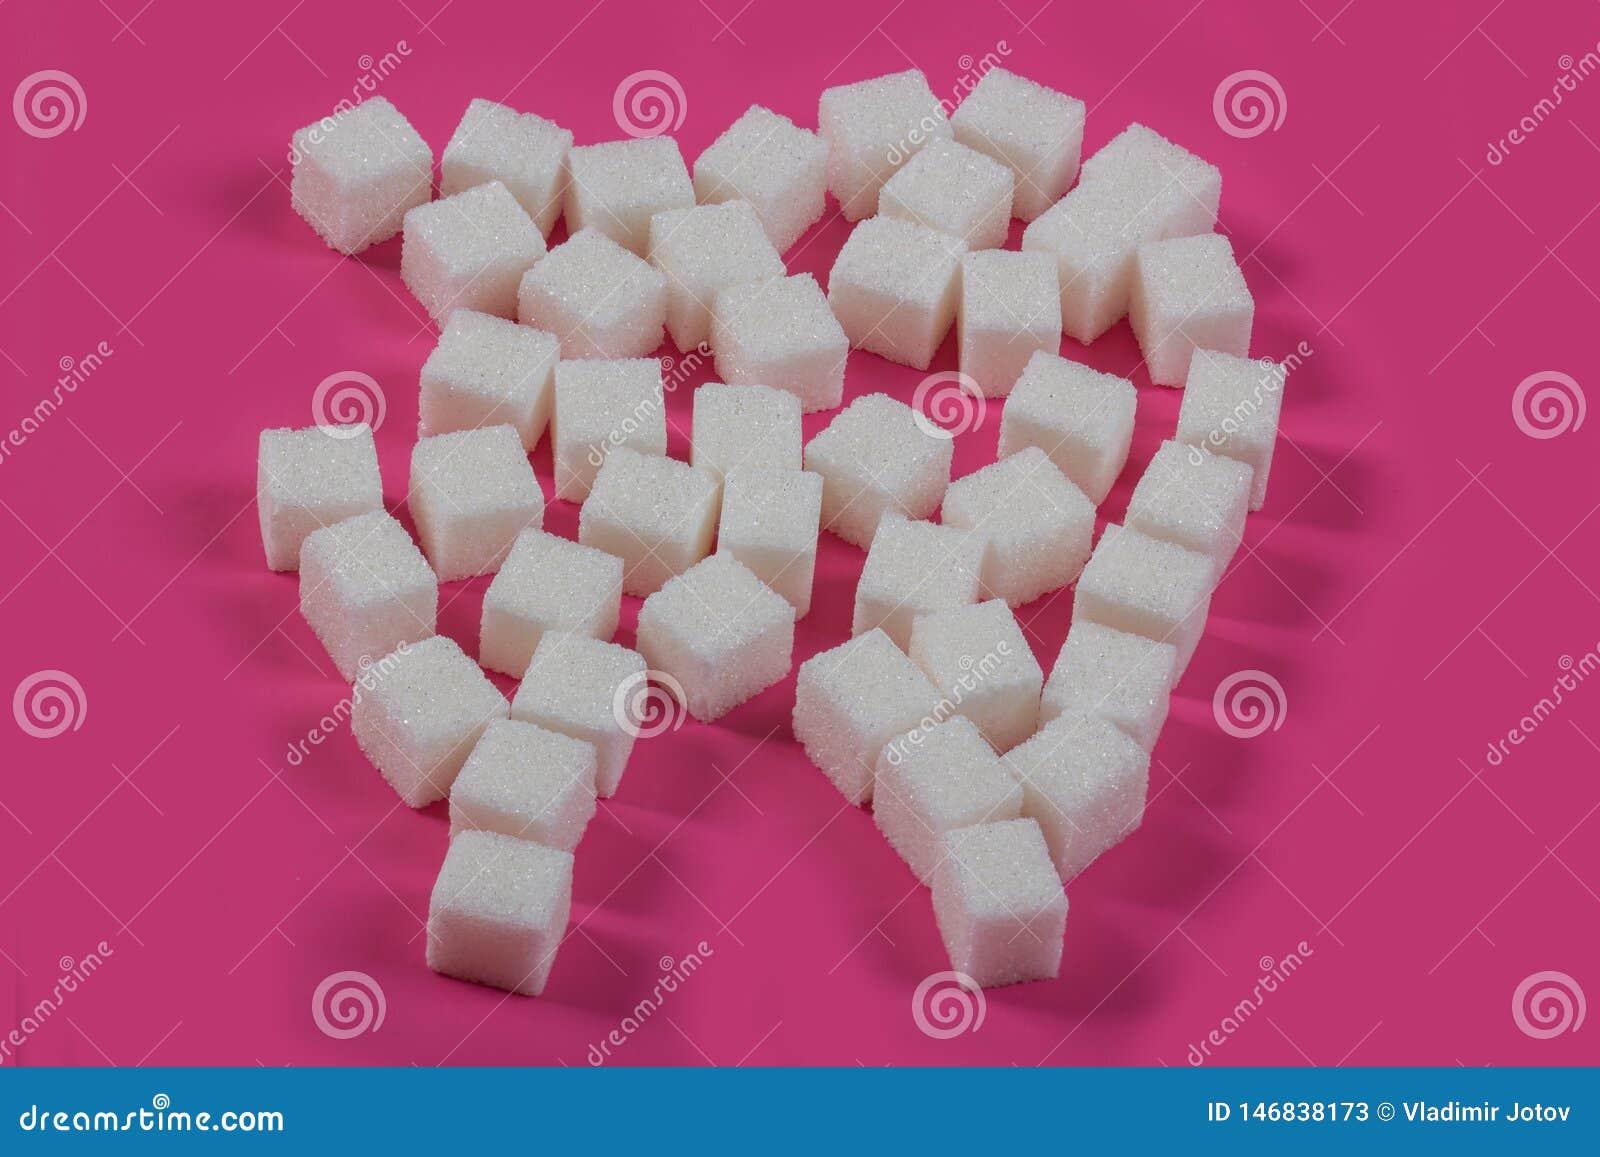 Zucker zerst?rt das Zahnemaille und f?hrt zu Zahnverfall Zuckerwürfel werden in Form eines Zahnes und eines Loches ausgebreitet